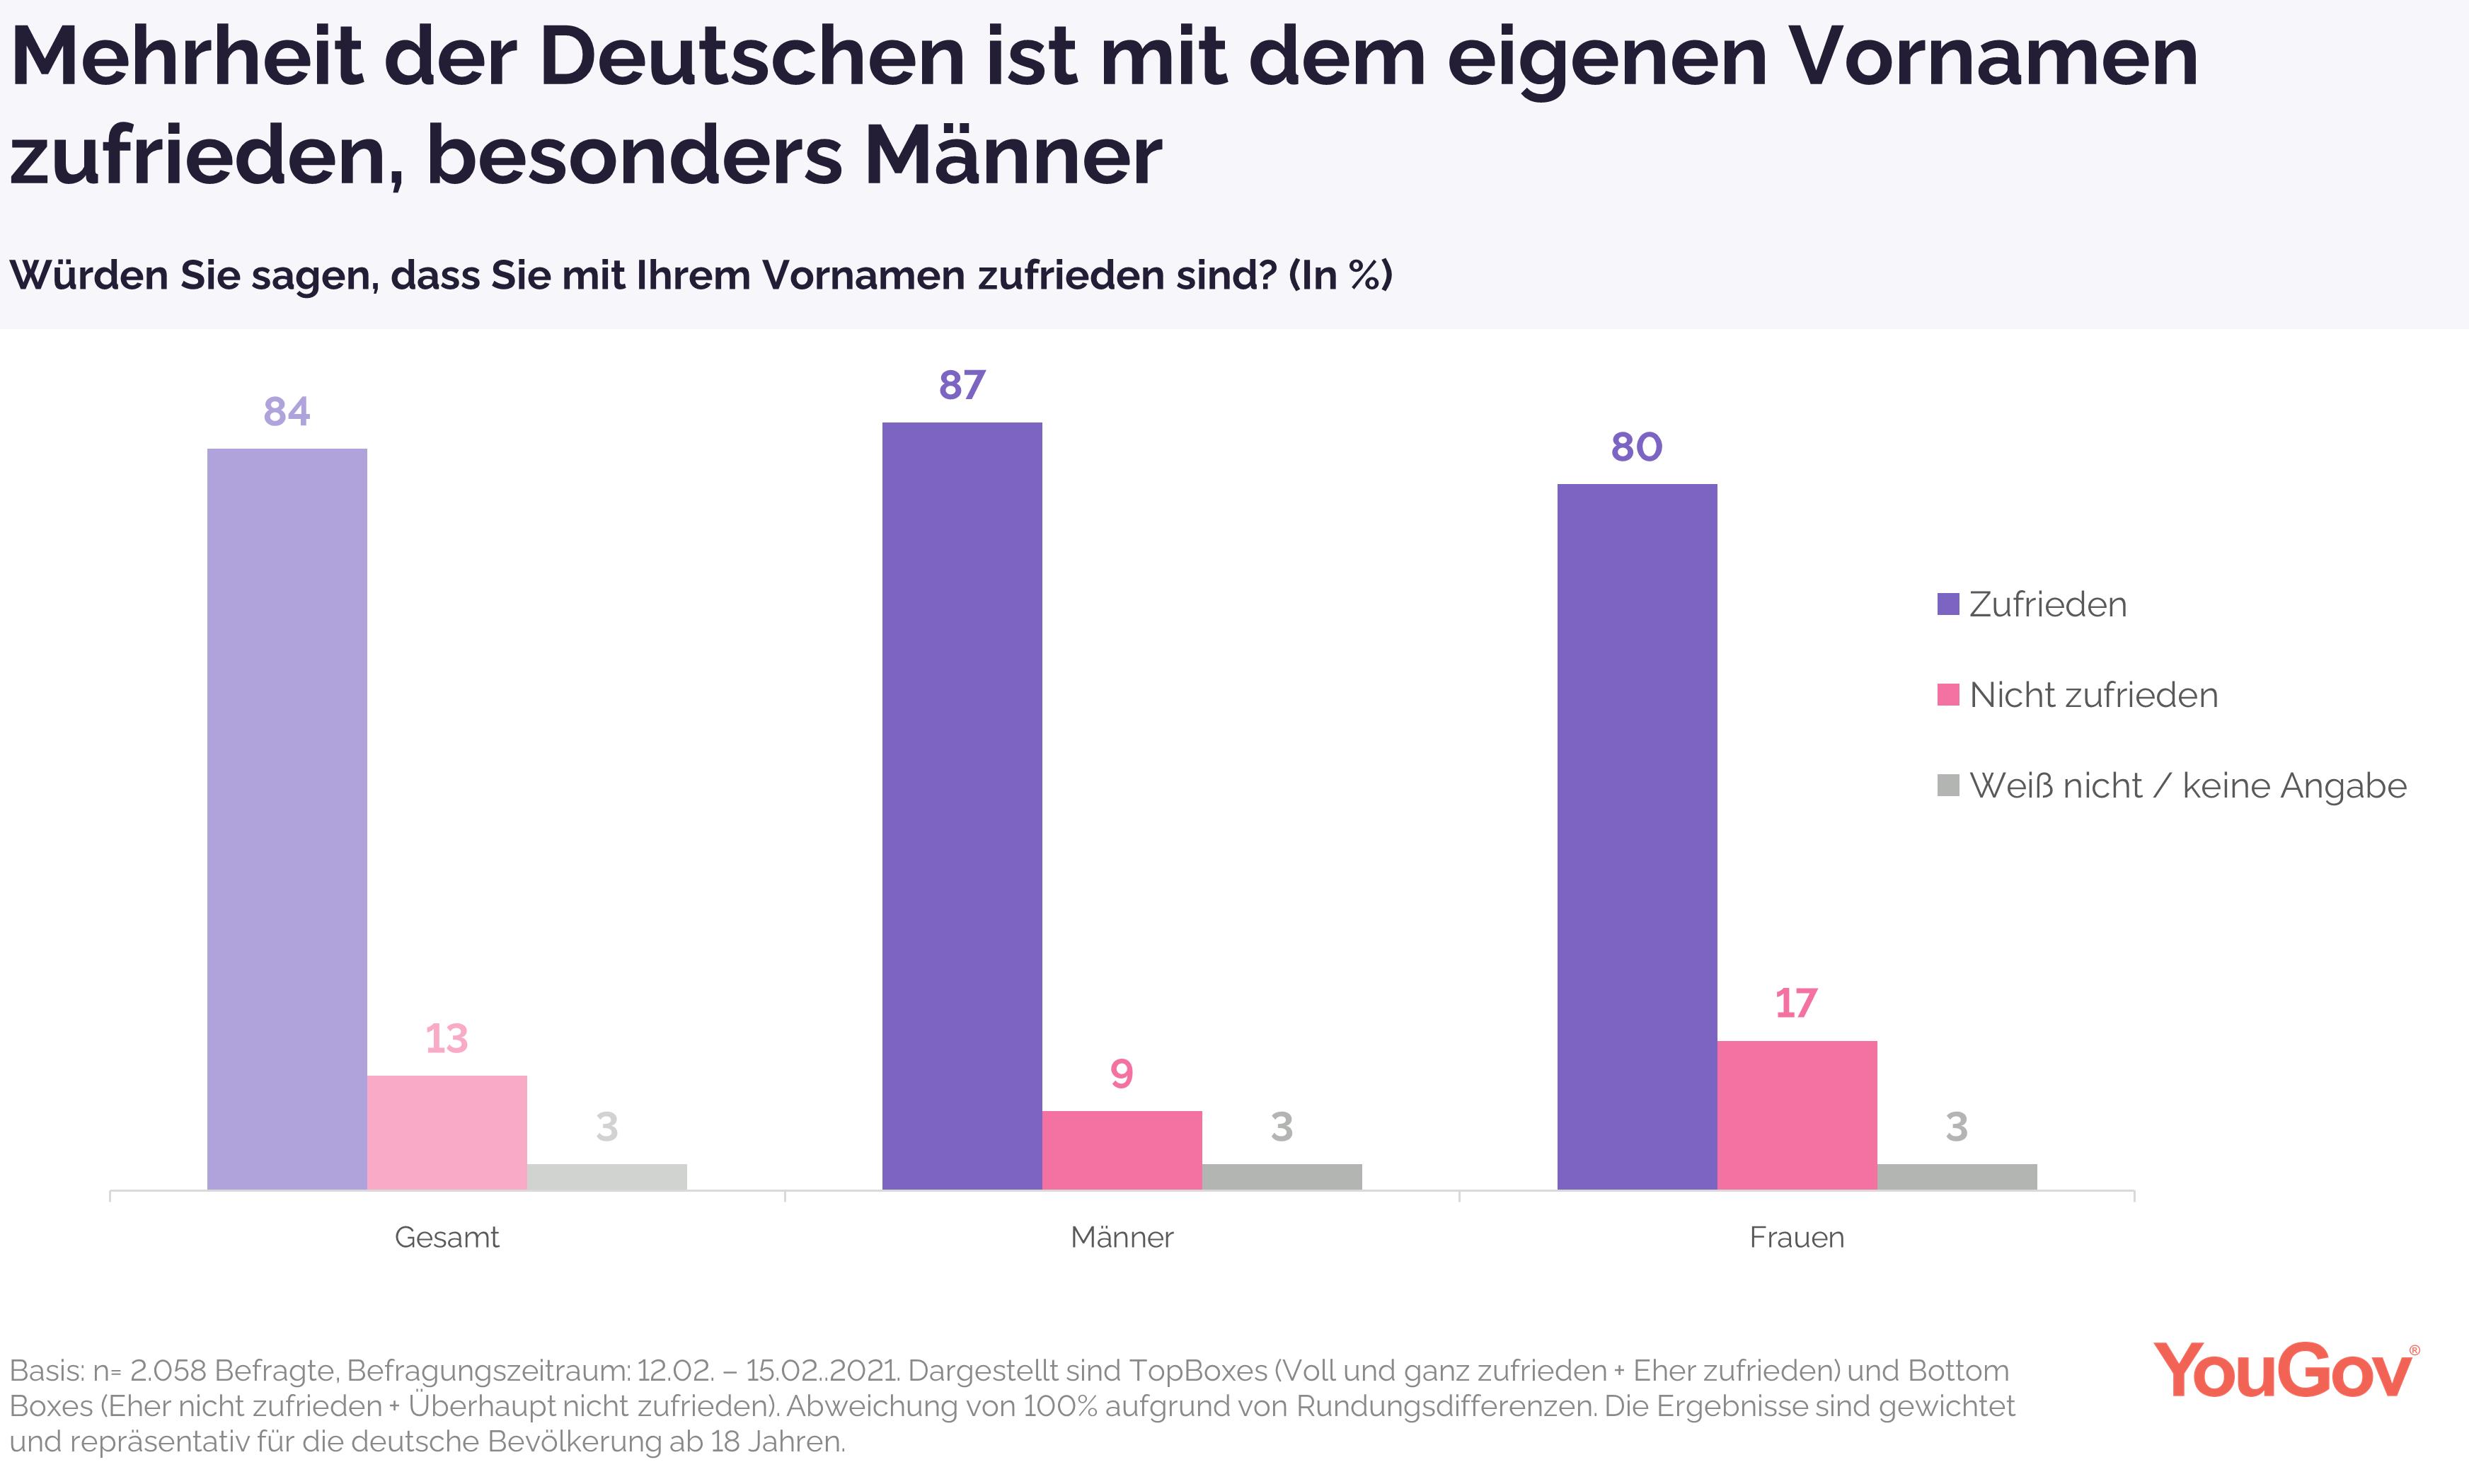 Mehrheit der Deutschen ist mit dem eigenen Vornamen zufrieden